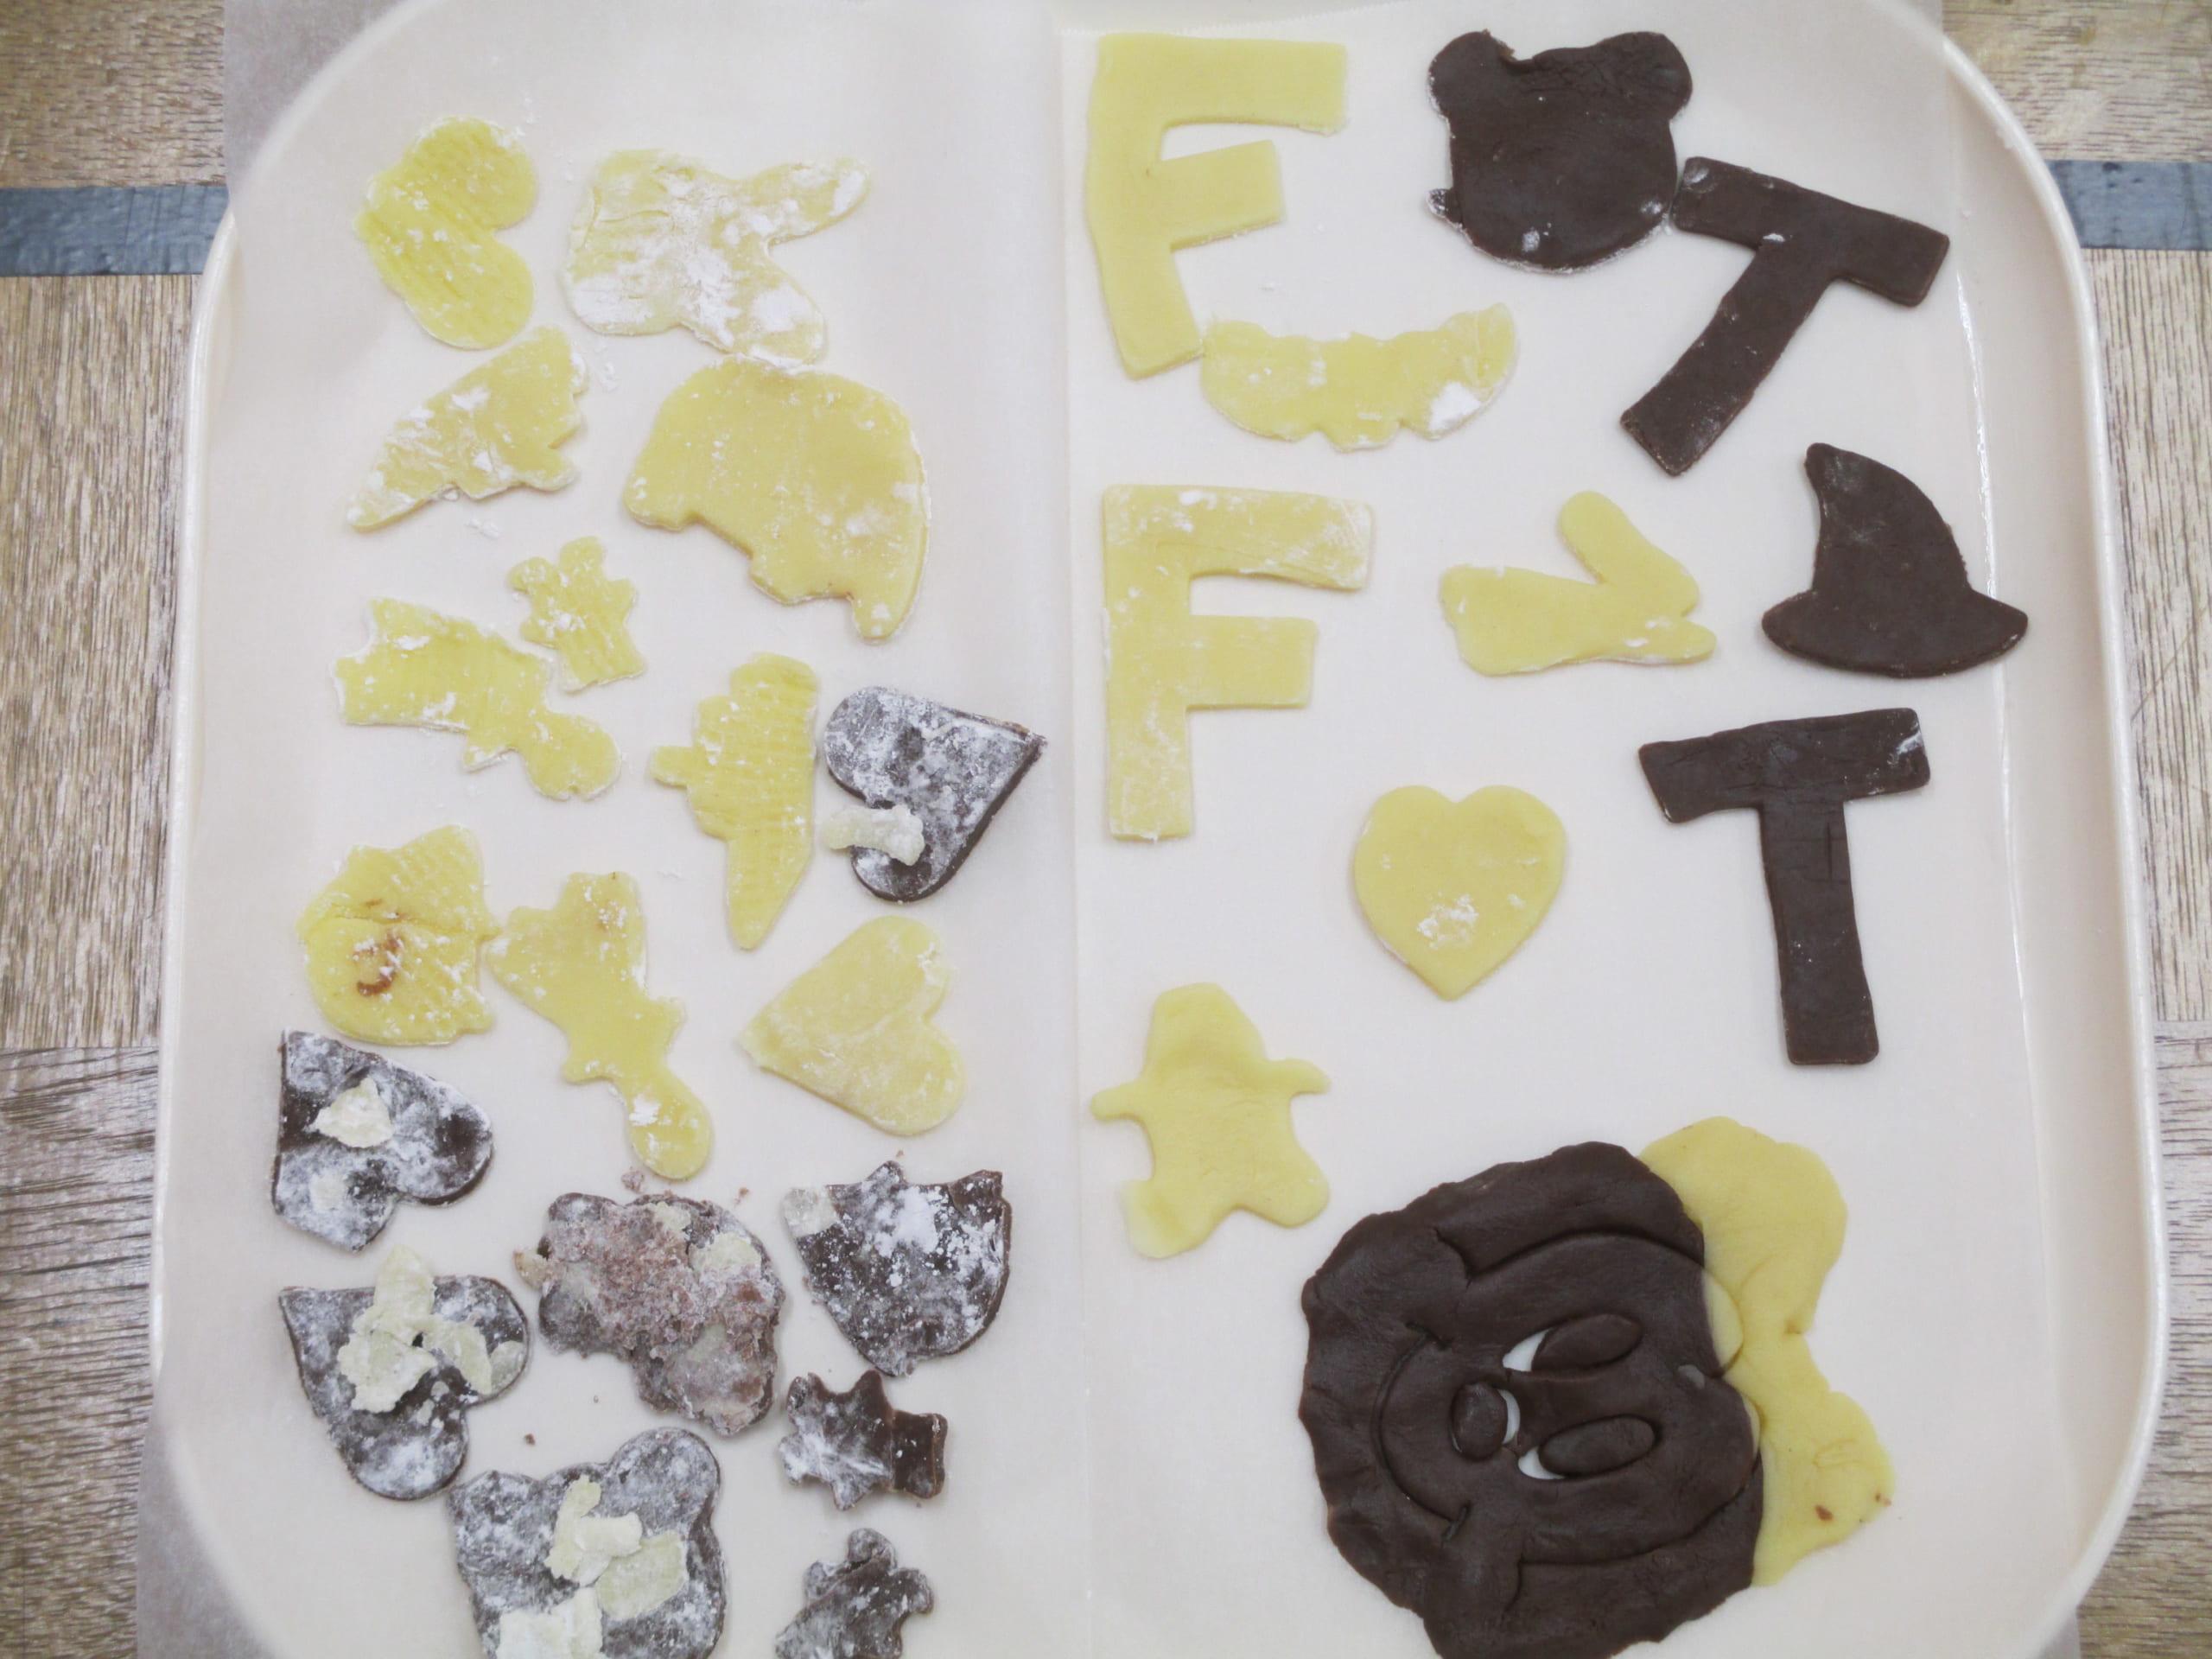 クッキー作りに挑戦✨✨  すみれさん